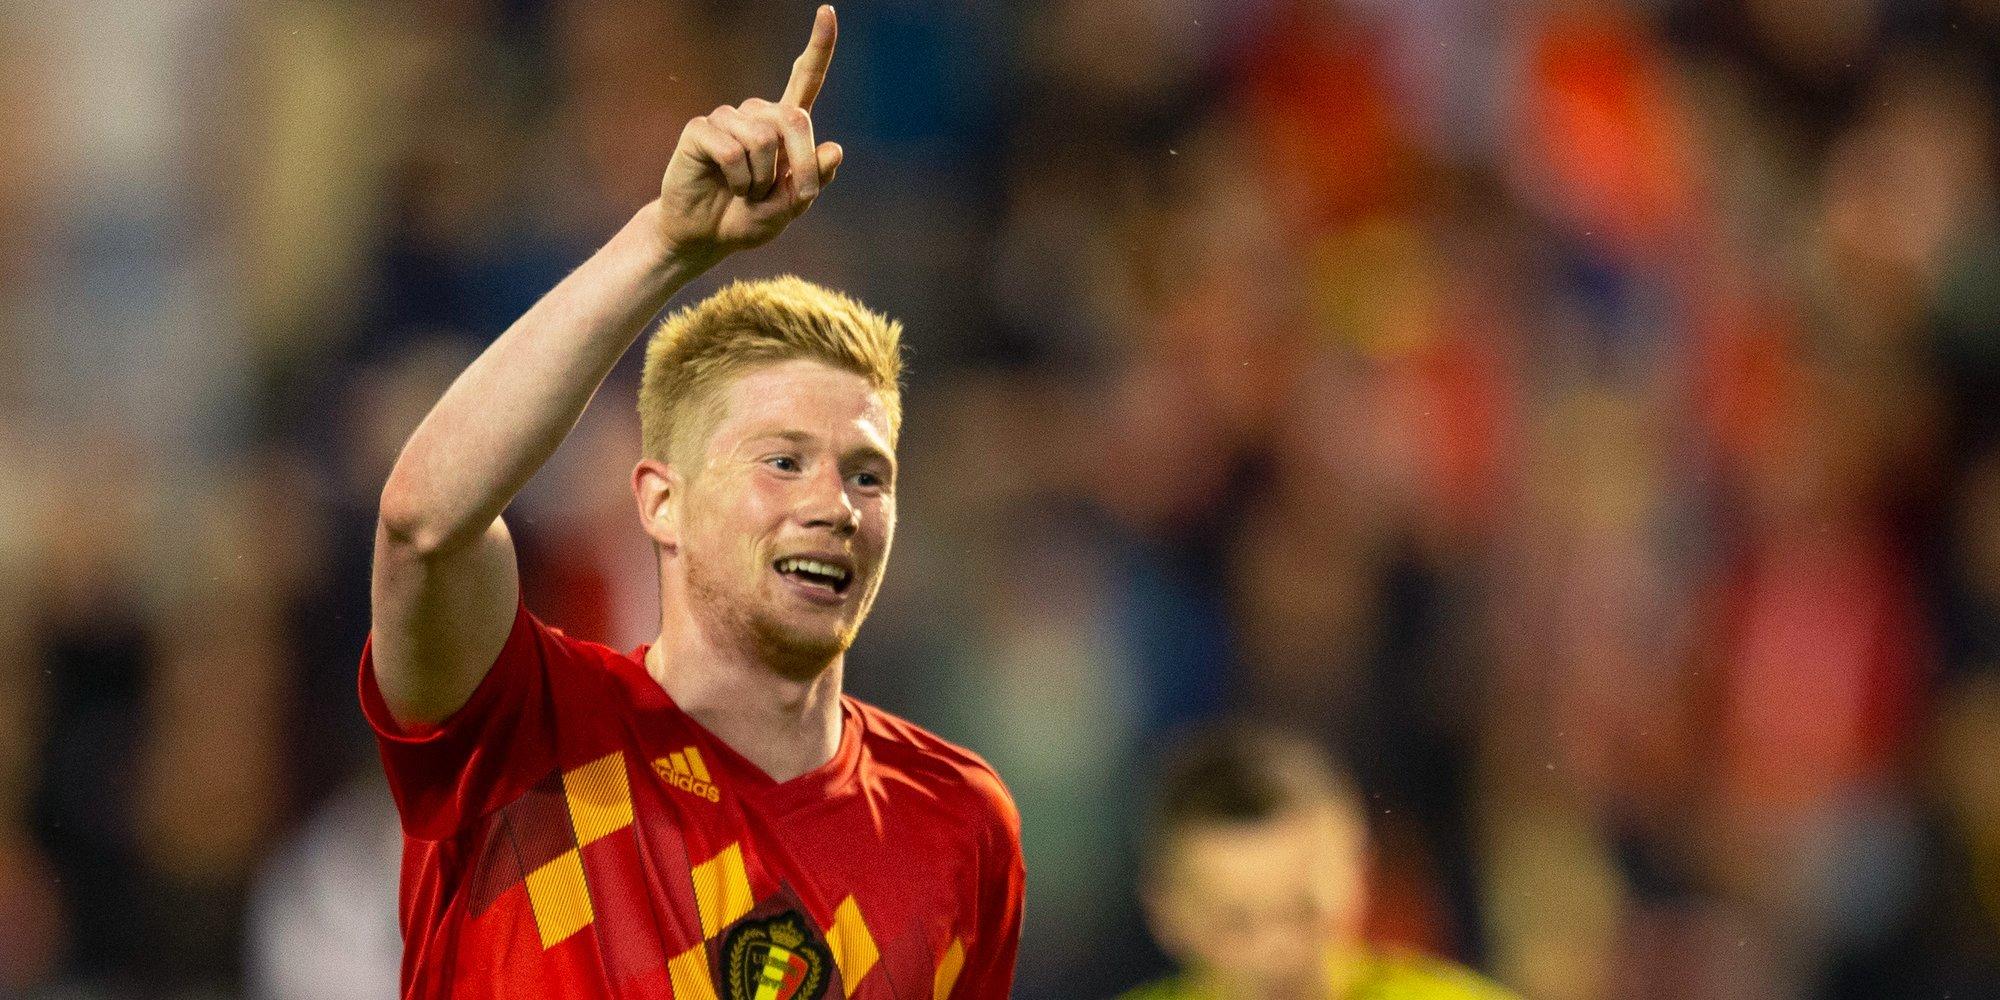 Де Брюйне может пропустить матч против России на Евро-2020